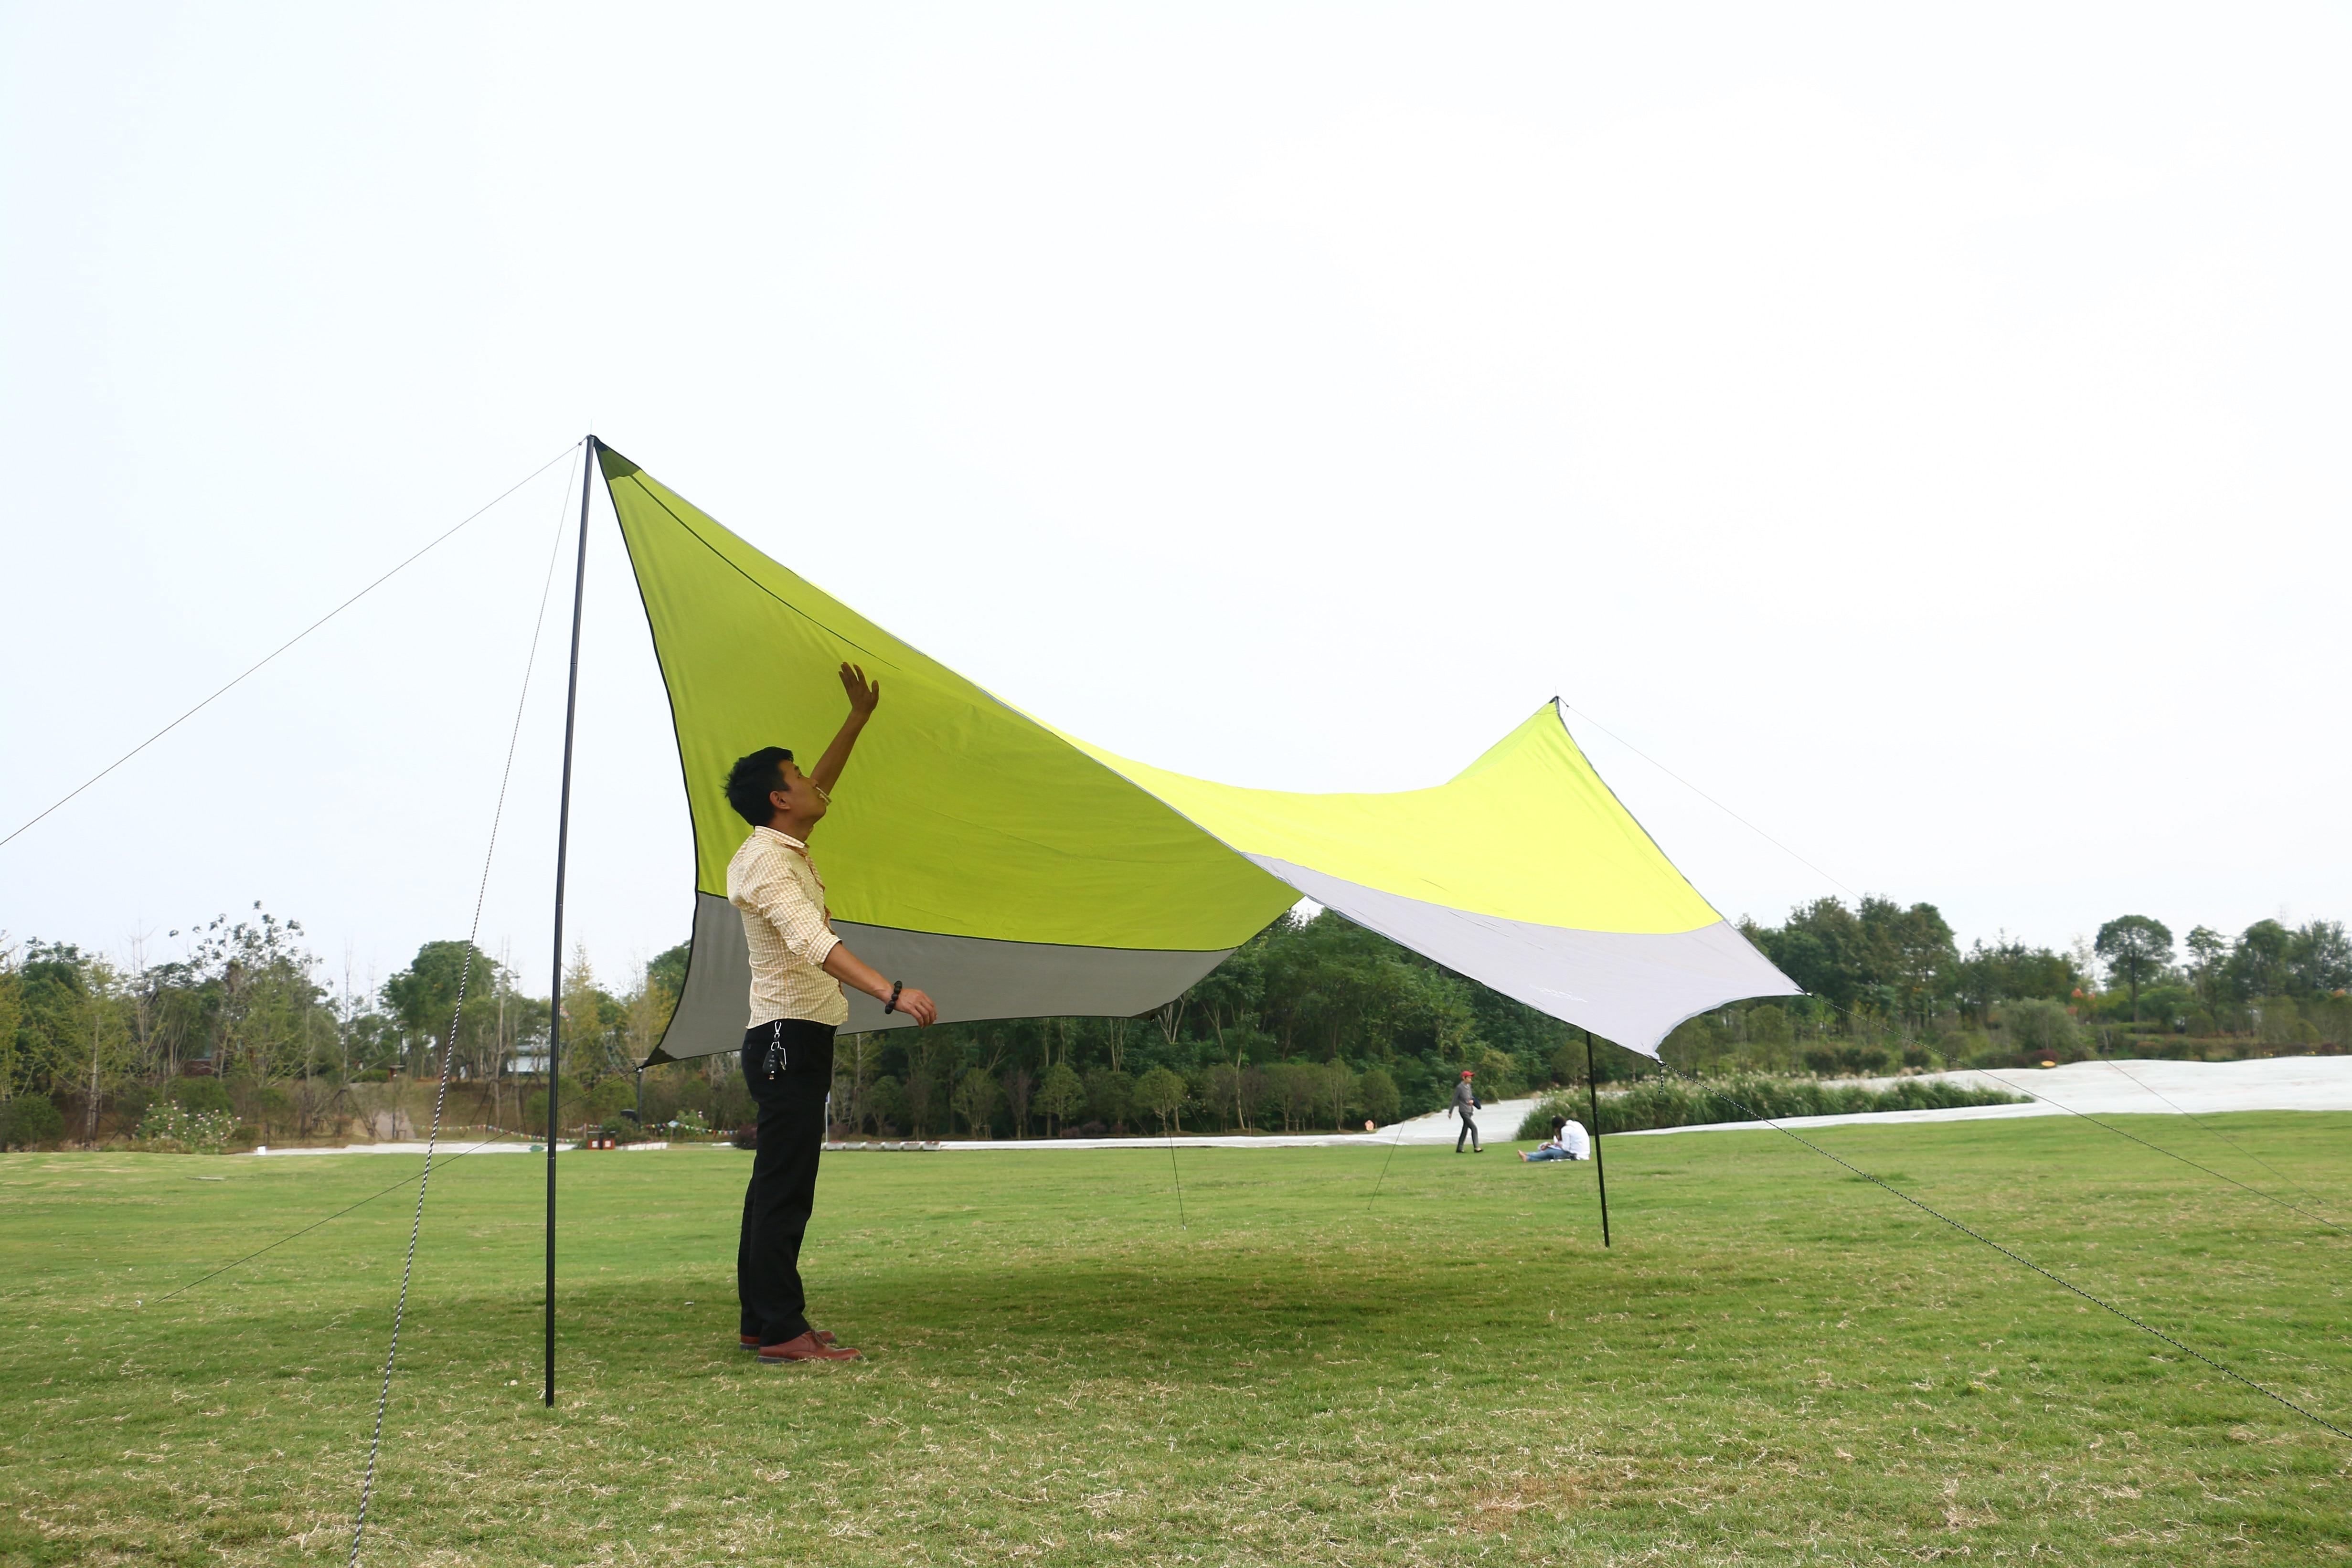 Outdoor zonwering doek voor 5 mensen chatten en thee 5 meter open maat gebruikt in camping en picknick, gratis verzending - 5